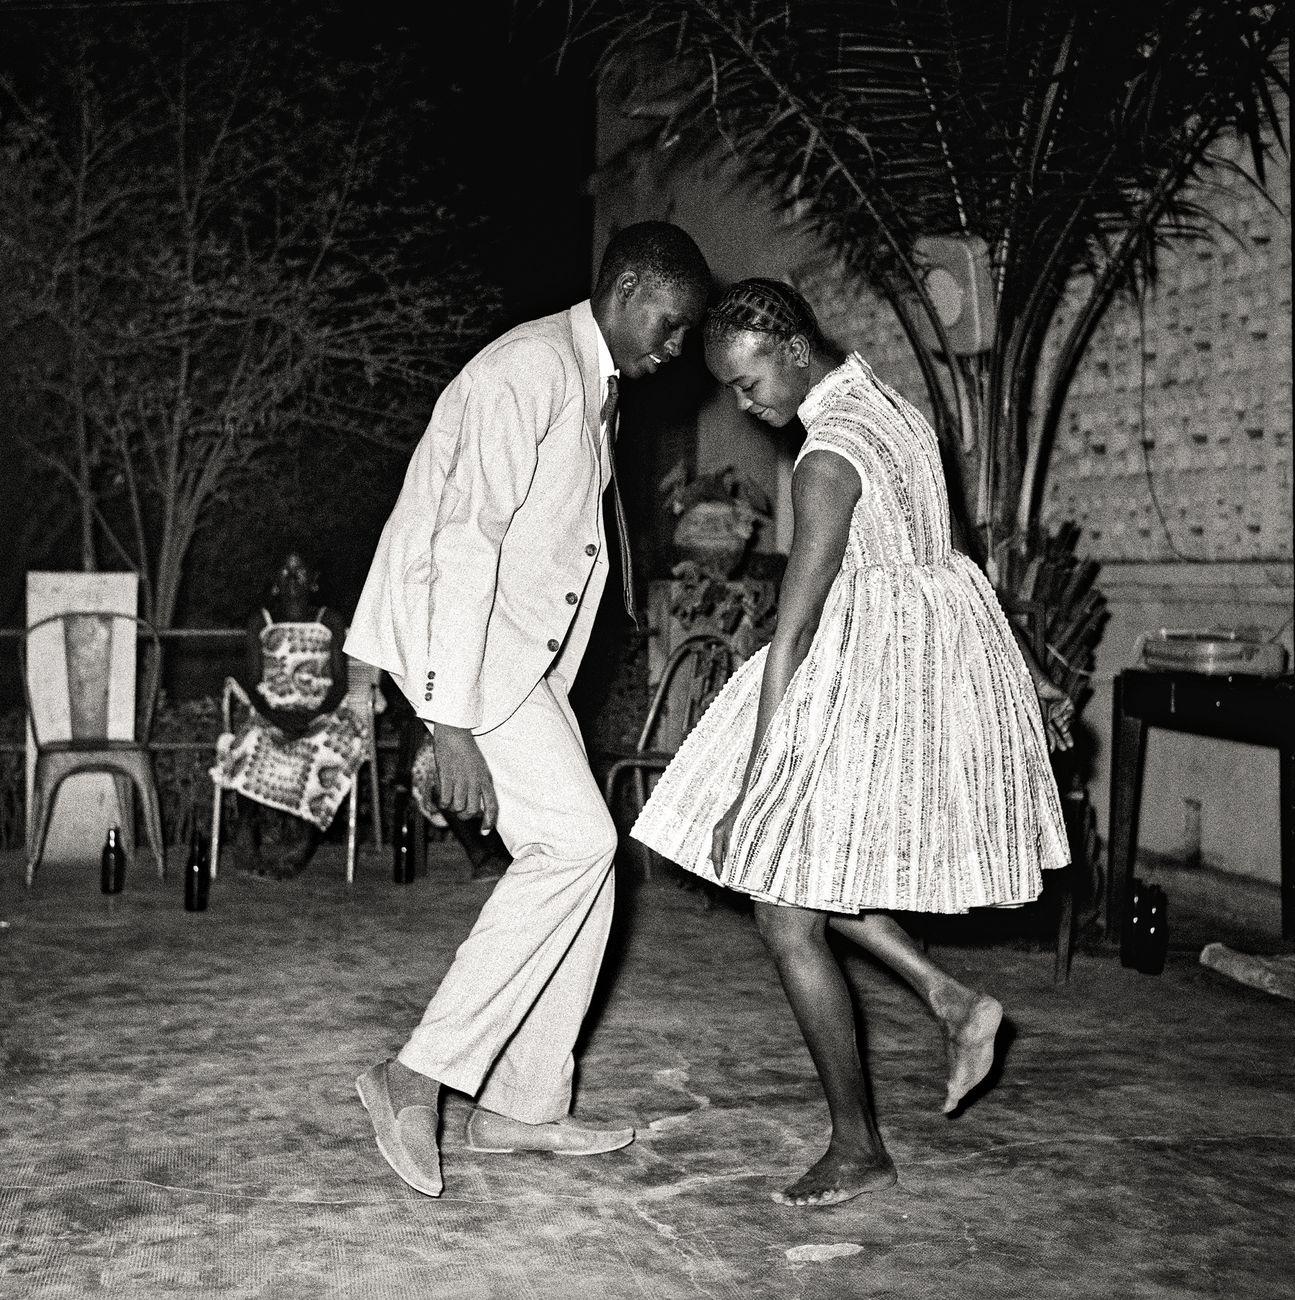 Malick Sidibé, Nuit de Noël, 1963. Collection Fondation Cartier pour l'art contemporain, Paris © Malick Sidibé